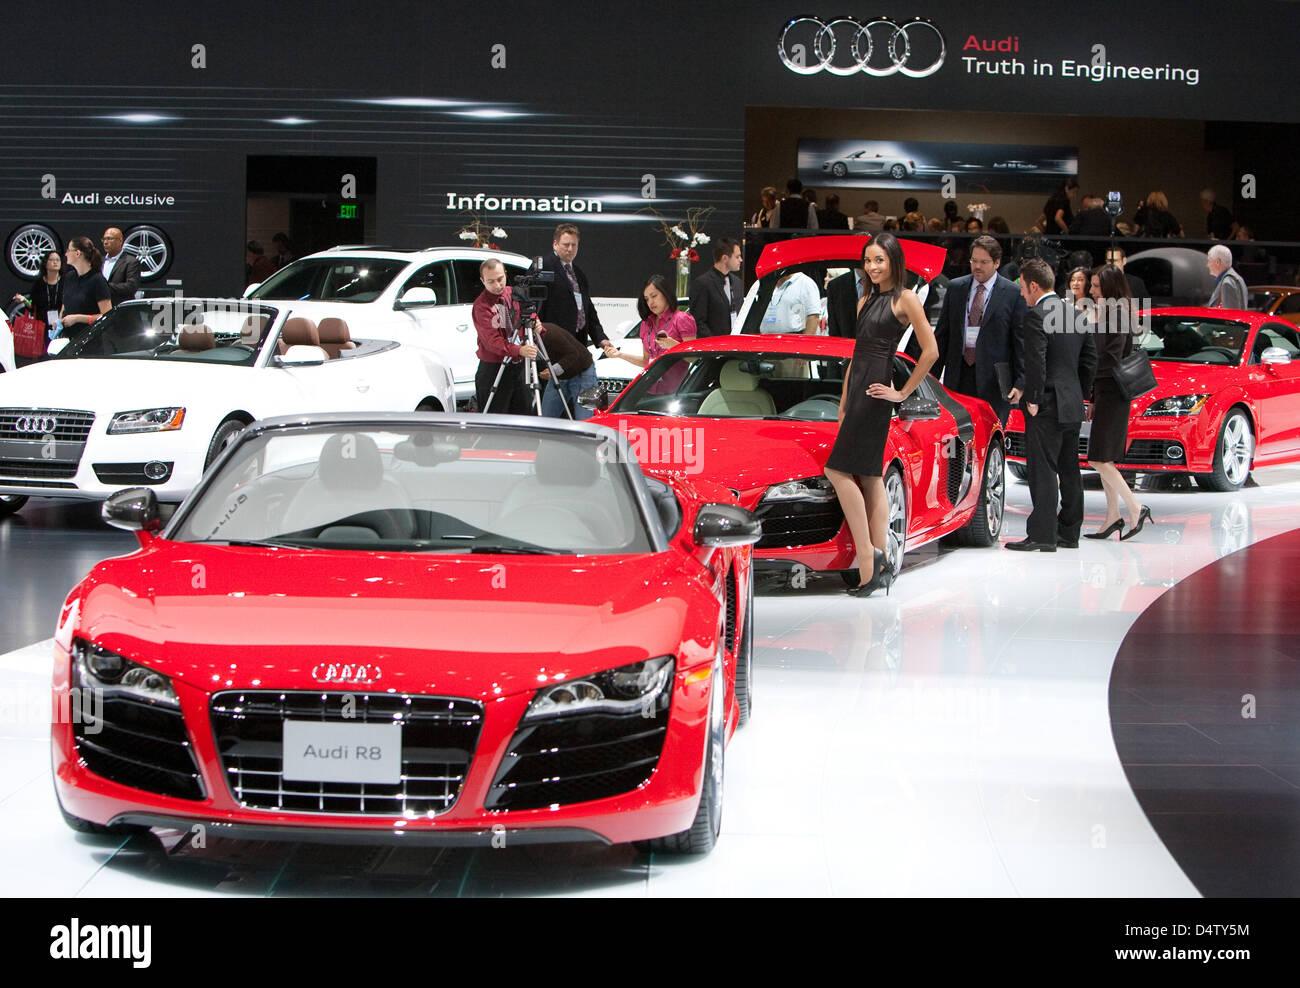 Vetture di Audi stand presso l'Auto Show di Los Angeles in Los Angeles, Stati Uniti d'America, 03 dicembre Immagini Stock